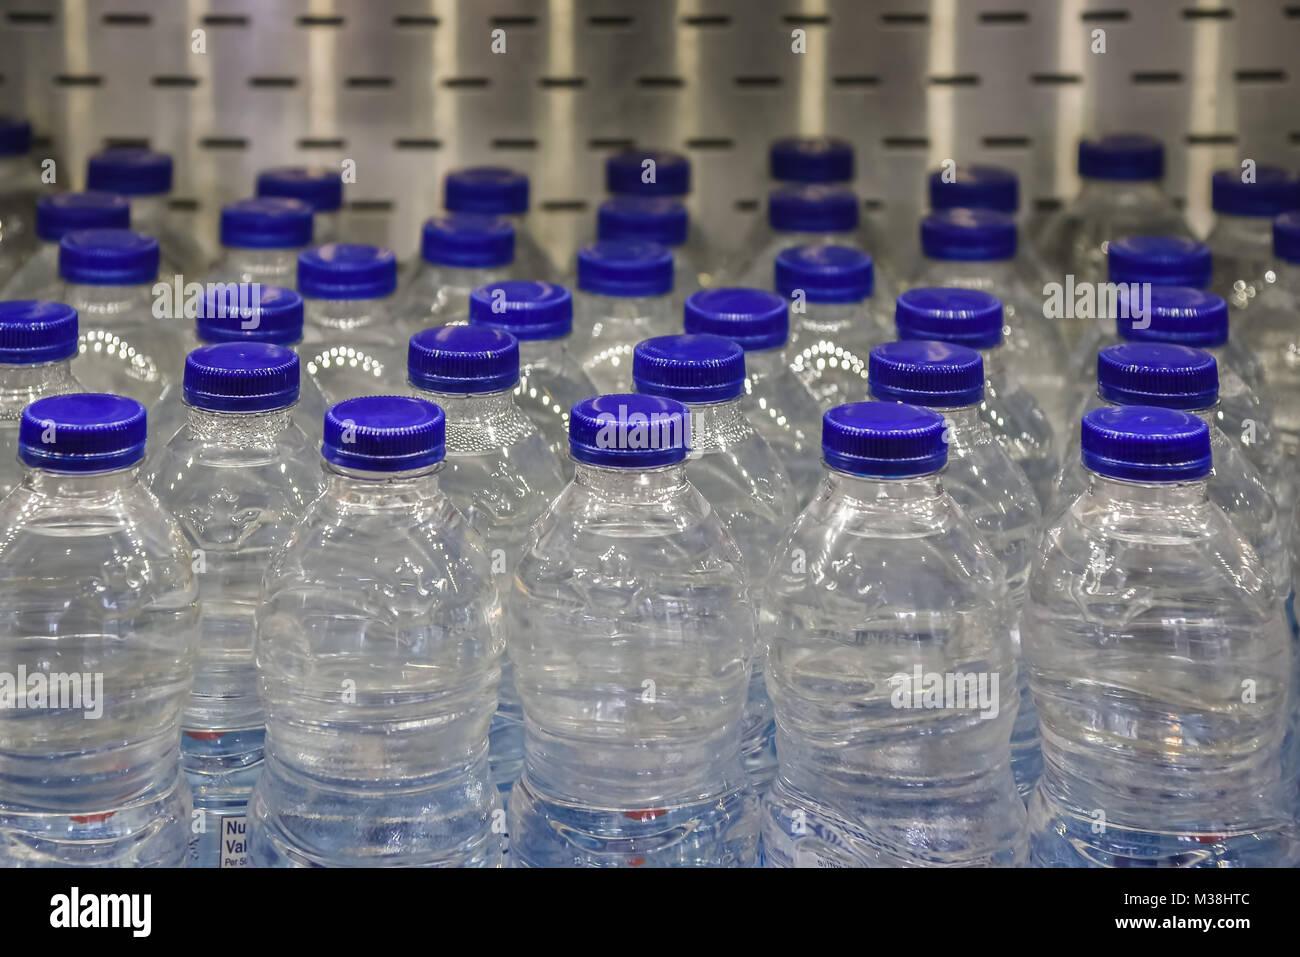 Primer plano de agua embotellada en el supermercado - Logotipos eliminado Imagen De Stock